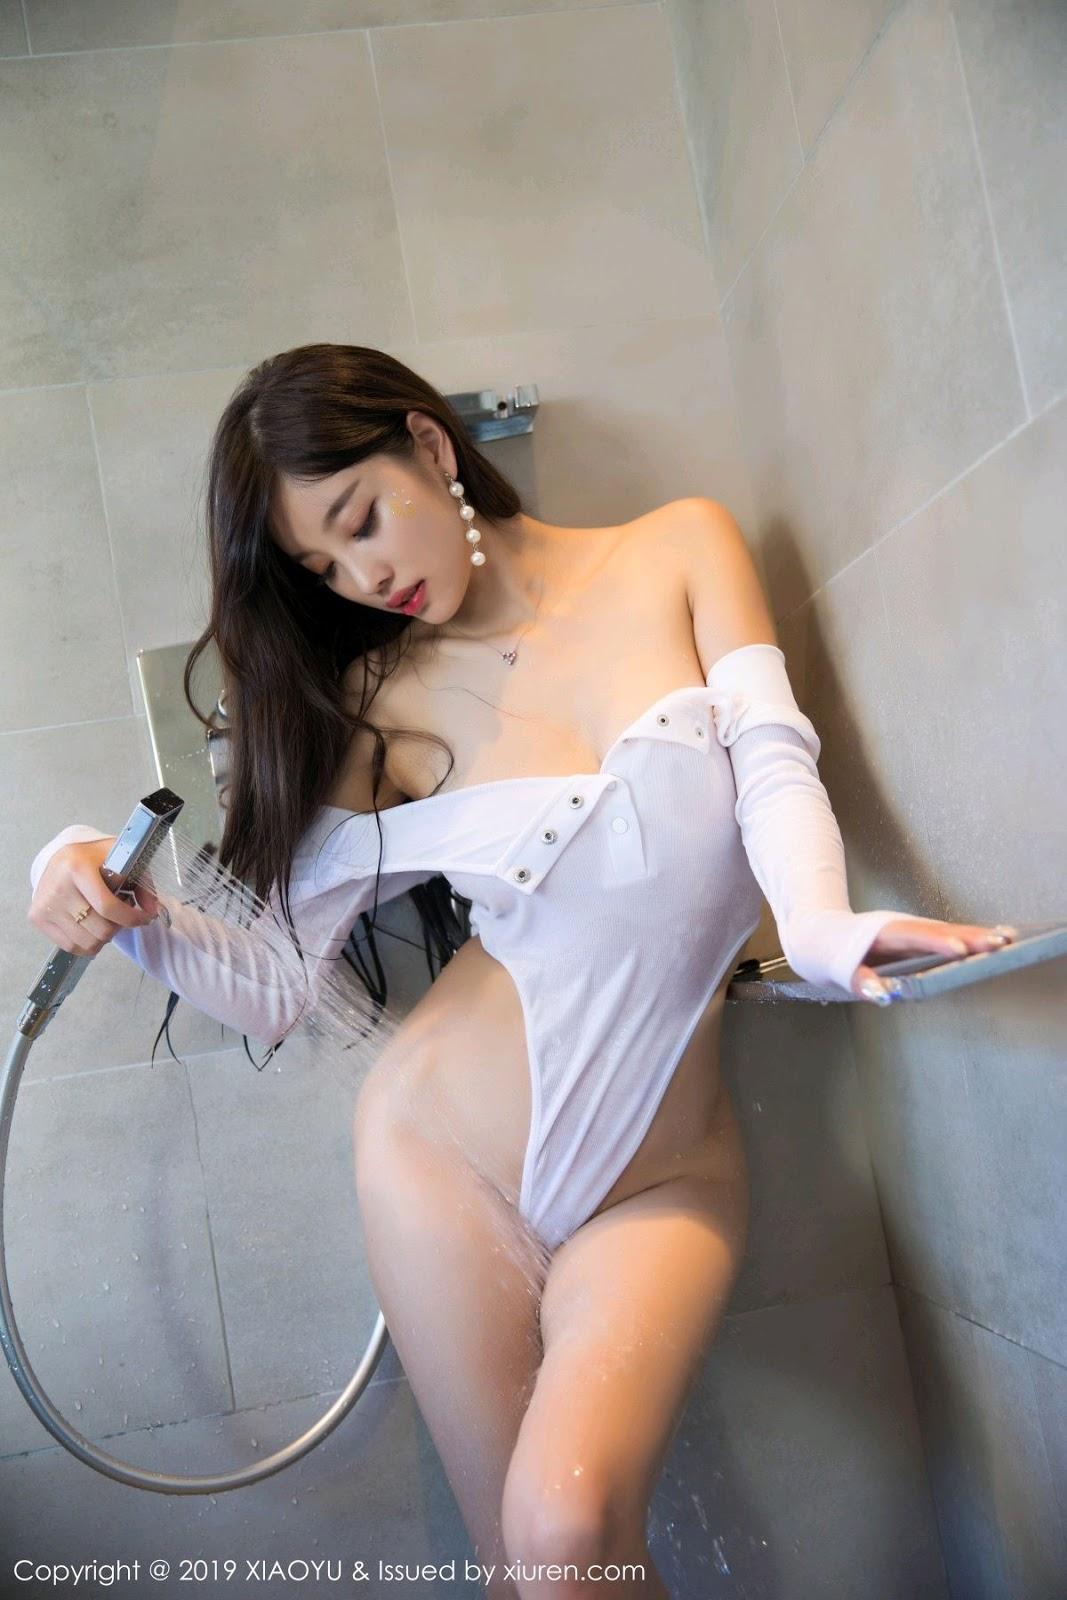 语画界XiaoYu] Vol.089 Yang Chen Chen – Page 2 – CHINA MODEL GIRL